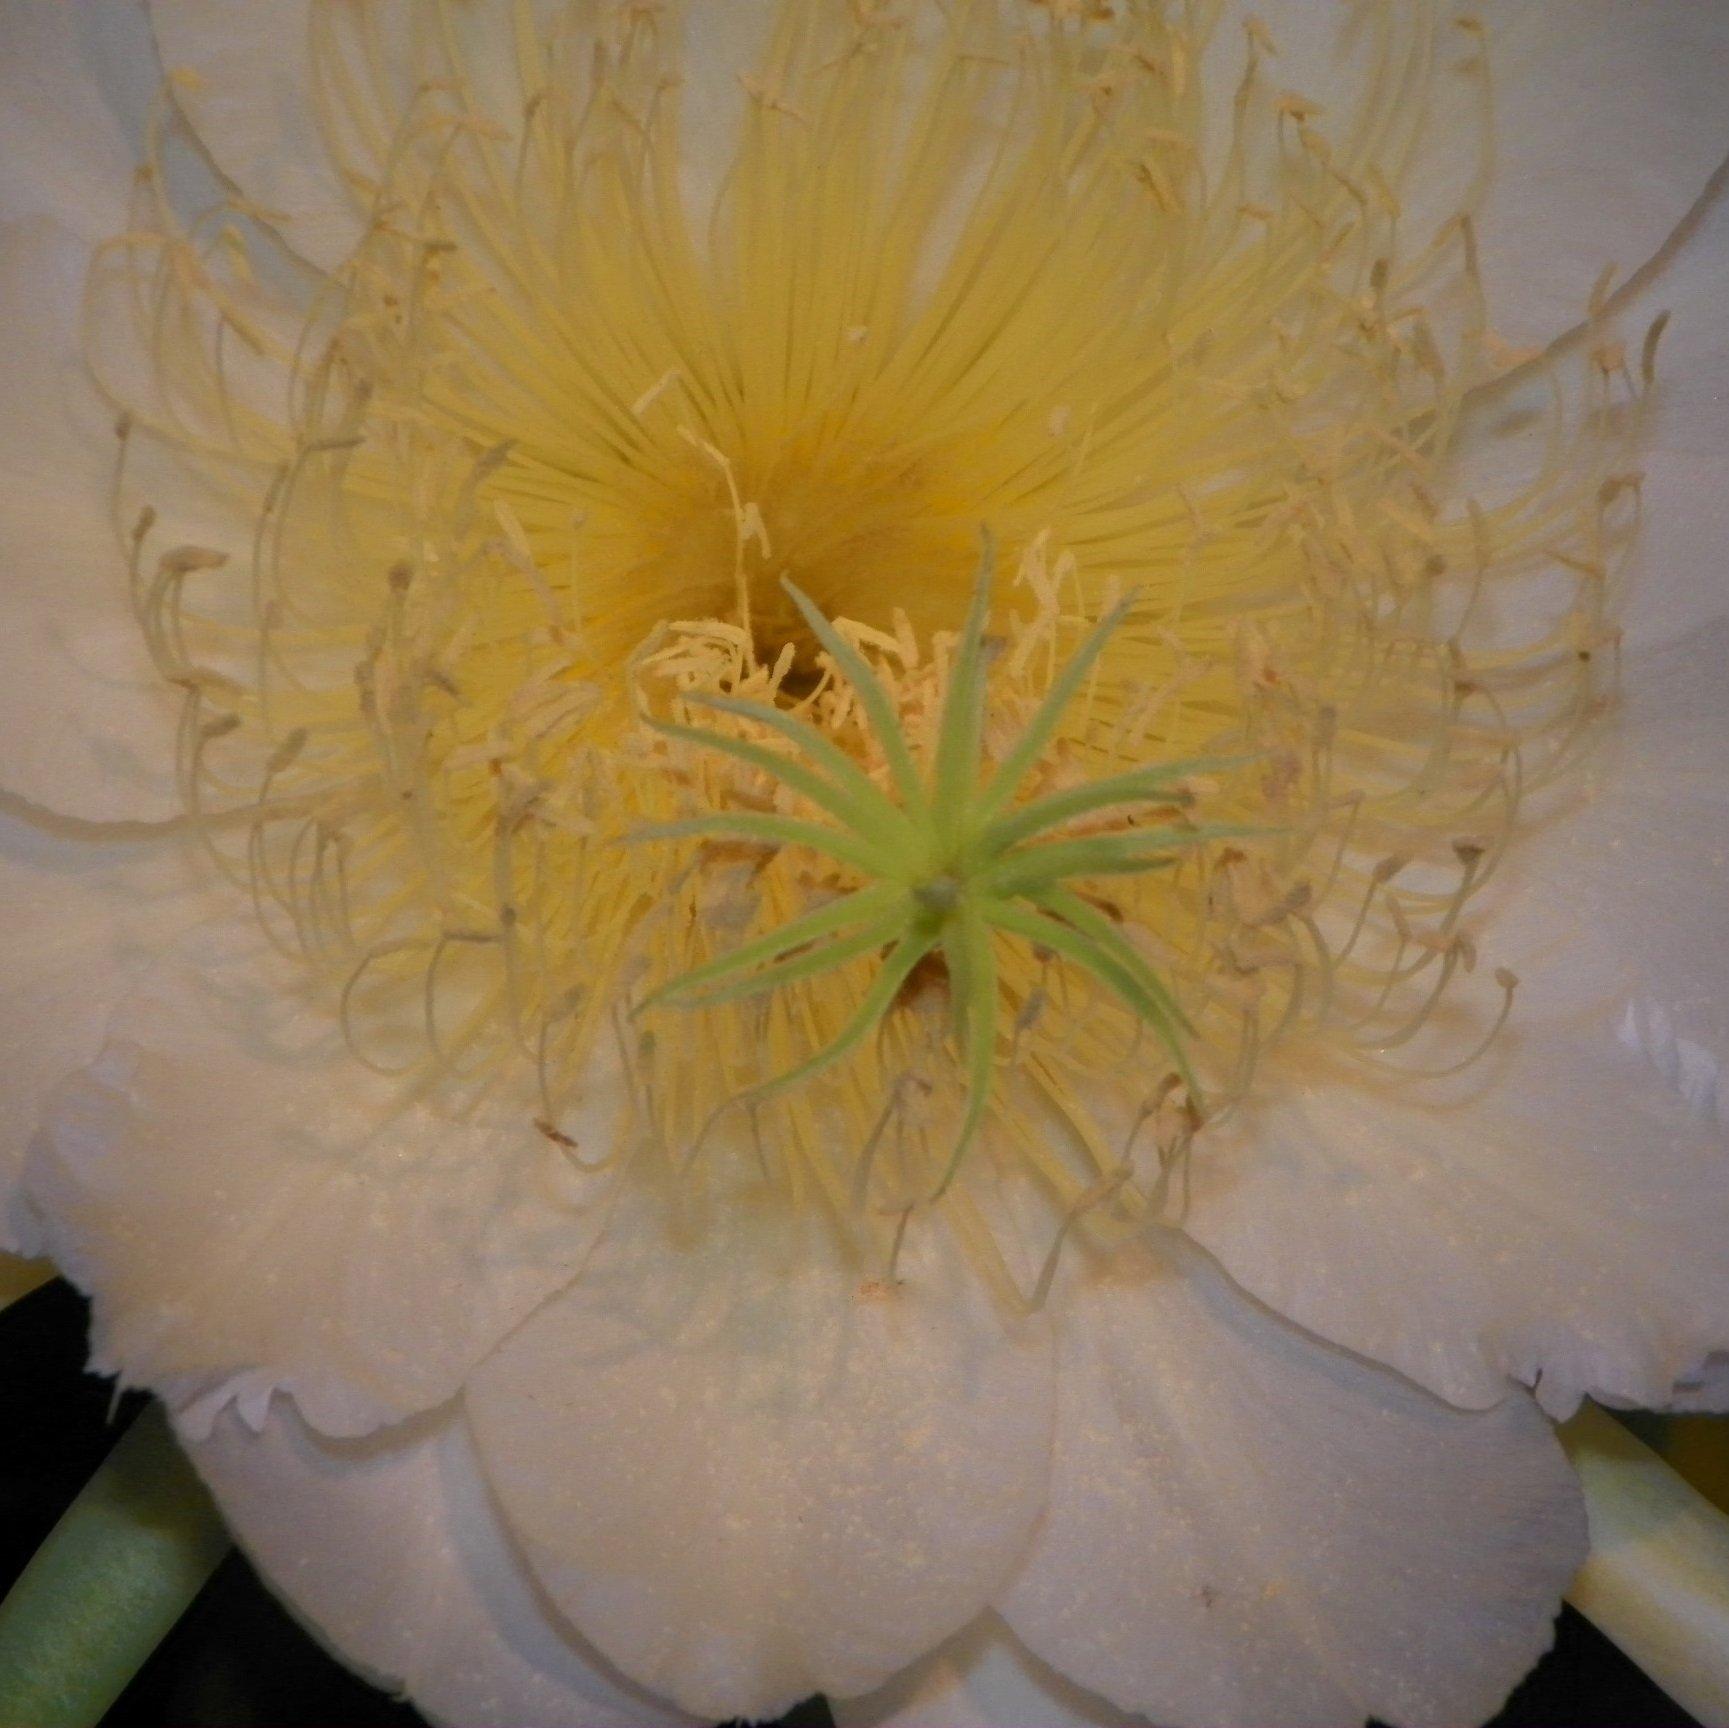 Yellow Thai Dragon Fruit variety flower stigma